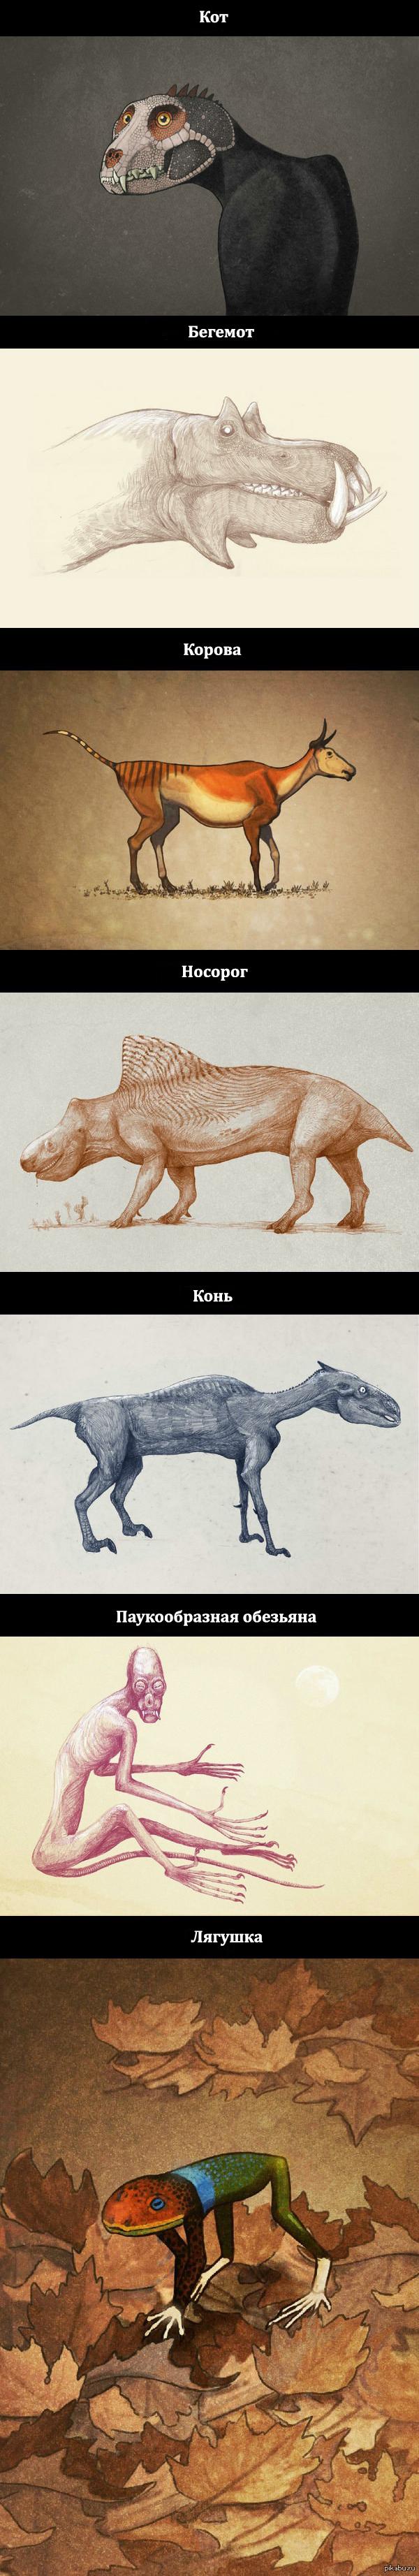 Современные животные, восстановленные по технологии воссоздания внешнего вида динозавров из скелетов